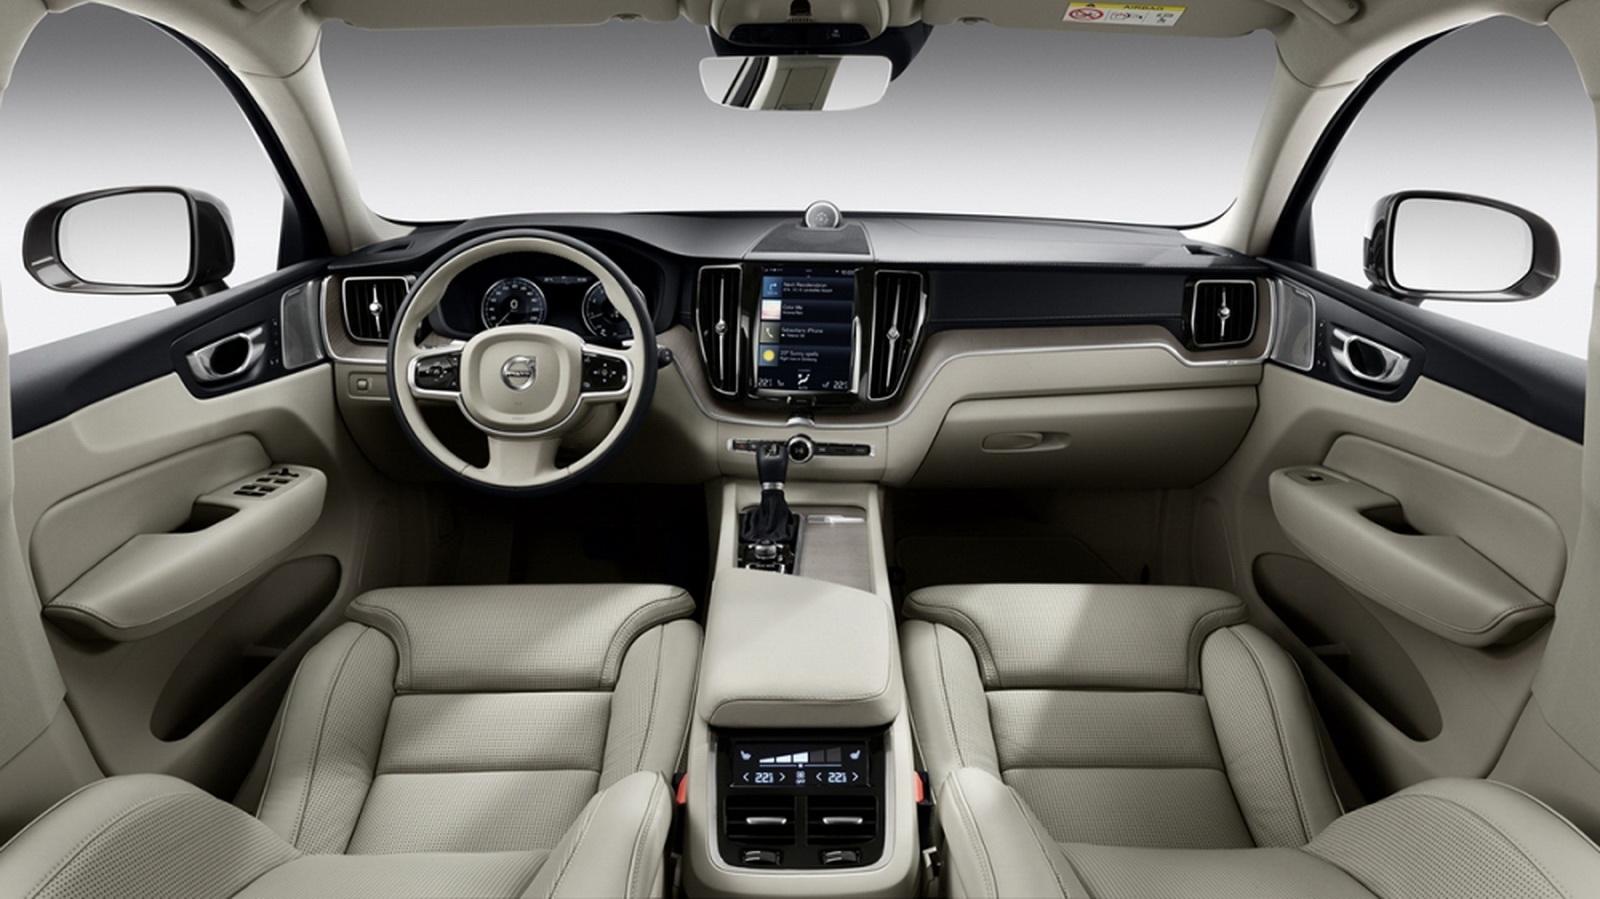 圖/2020 Volvo XC60 D4 Momentum採用與90旗艦車系同級的Sensus人因智慧科技介面,透過極簡按鍵創造直覺操作邏輯與便利性。